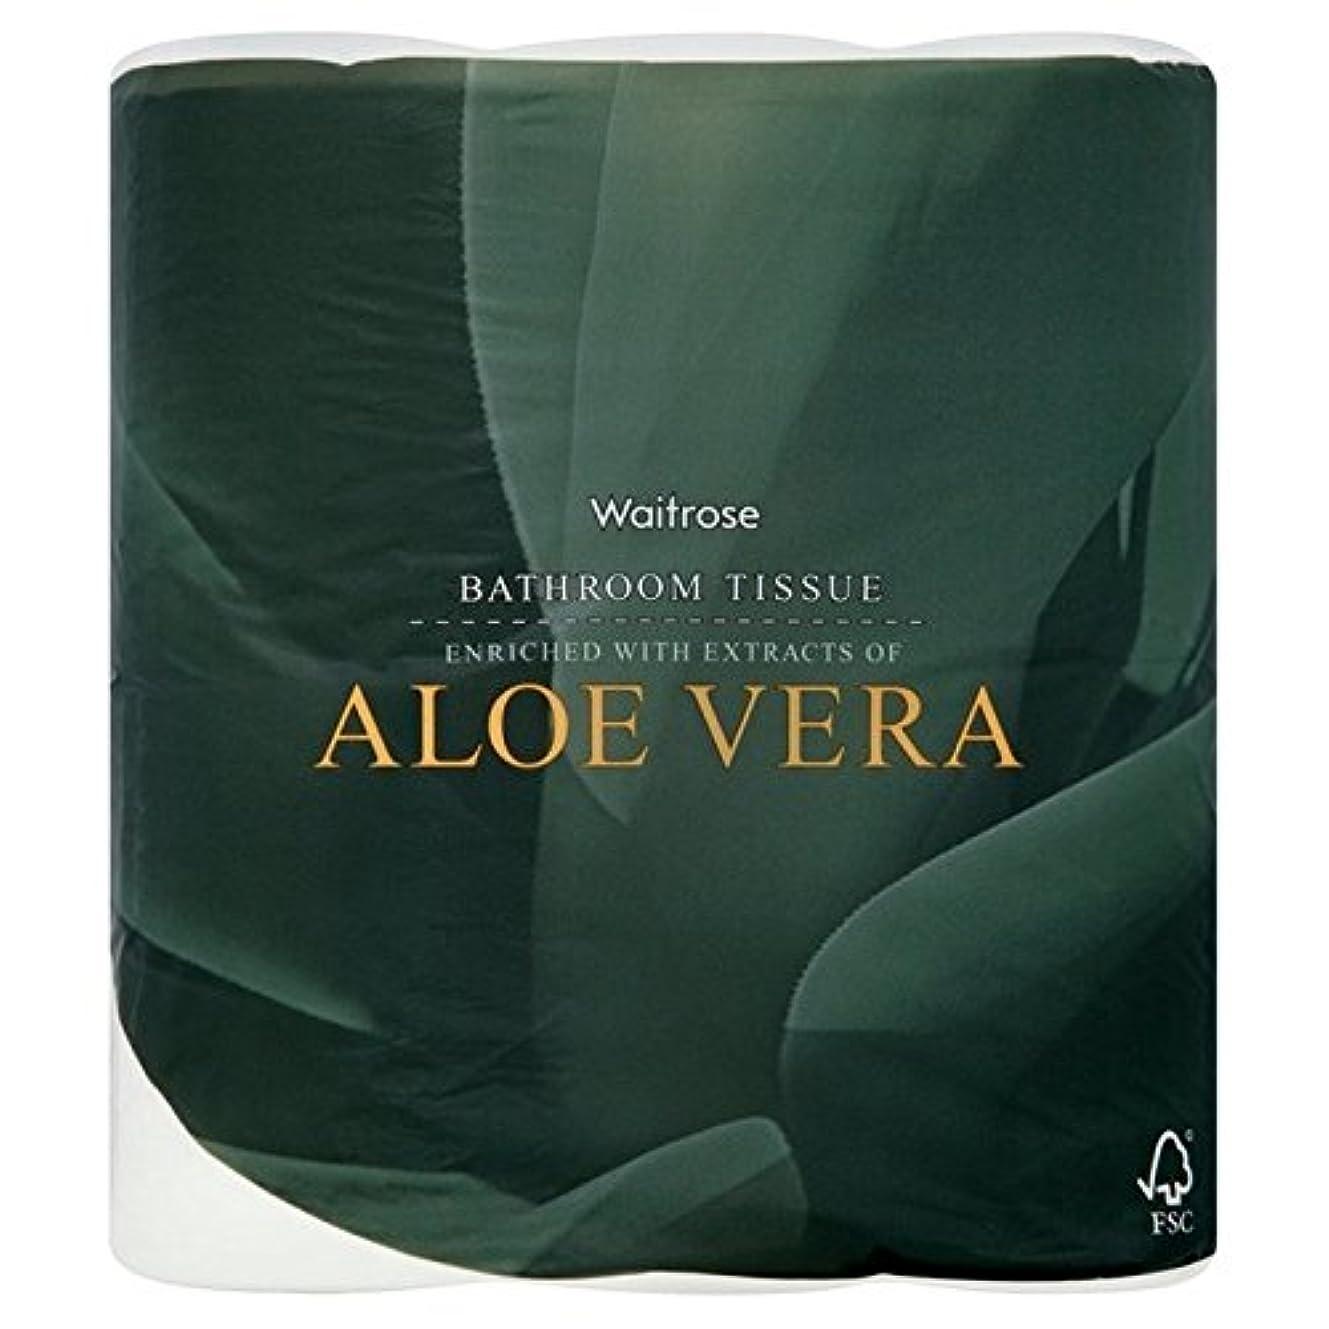 パンダアクチュエータハウスパックあたりアロエベラ浴室組織白ウェイトローズ4 x2 - Aloe Vera Bathroom Tissue White Waitrose 4 per pack (Pack of 2) [並行輸入品]